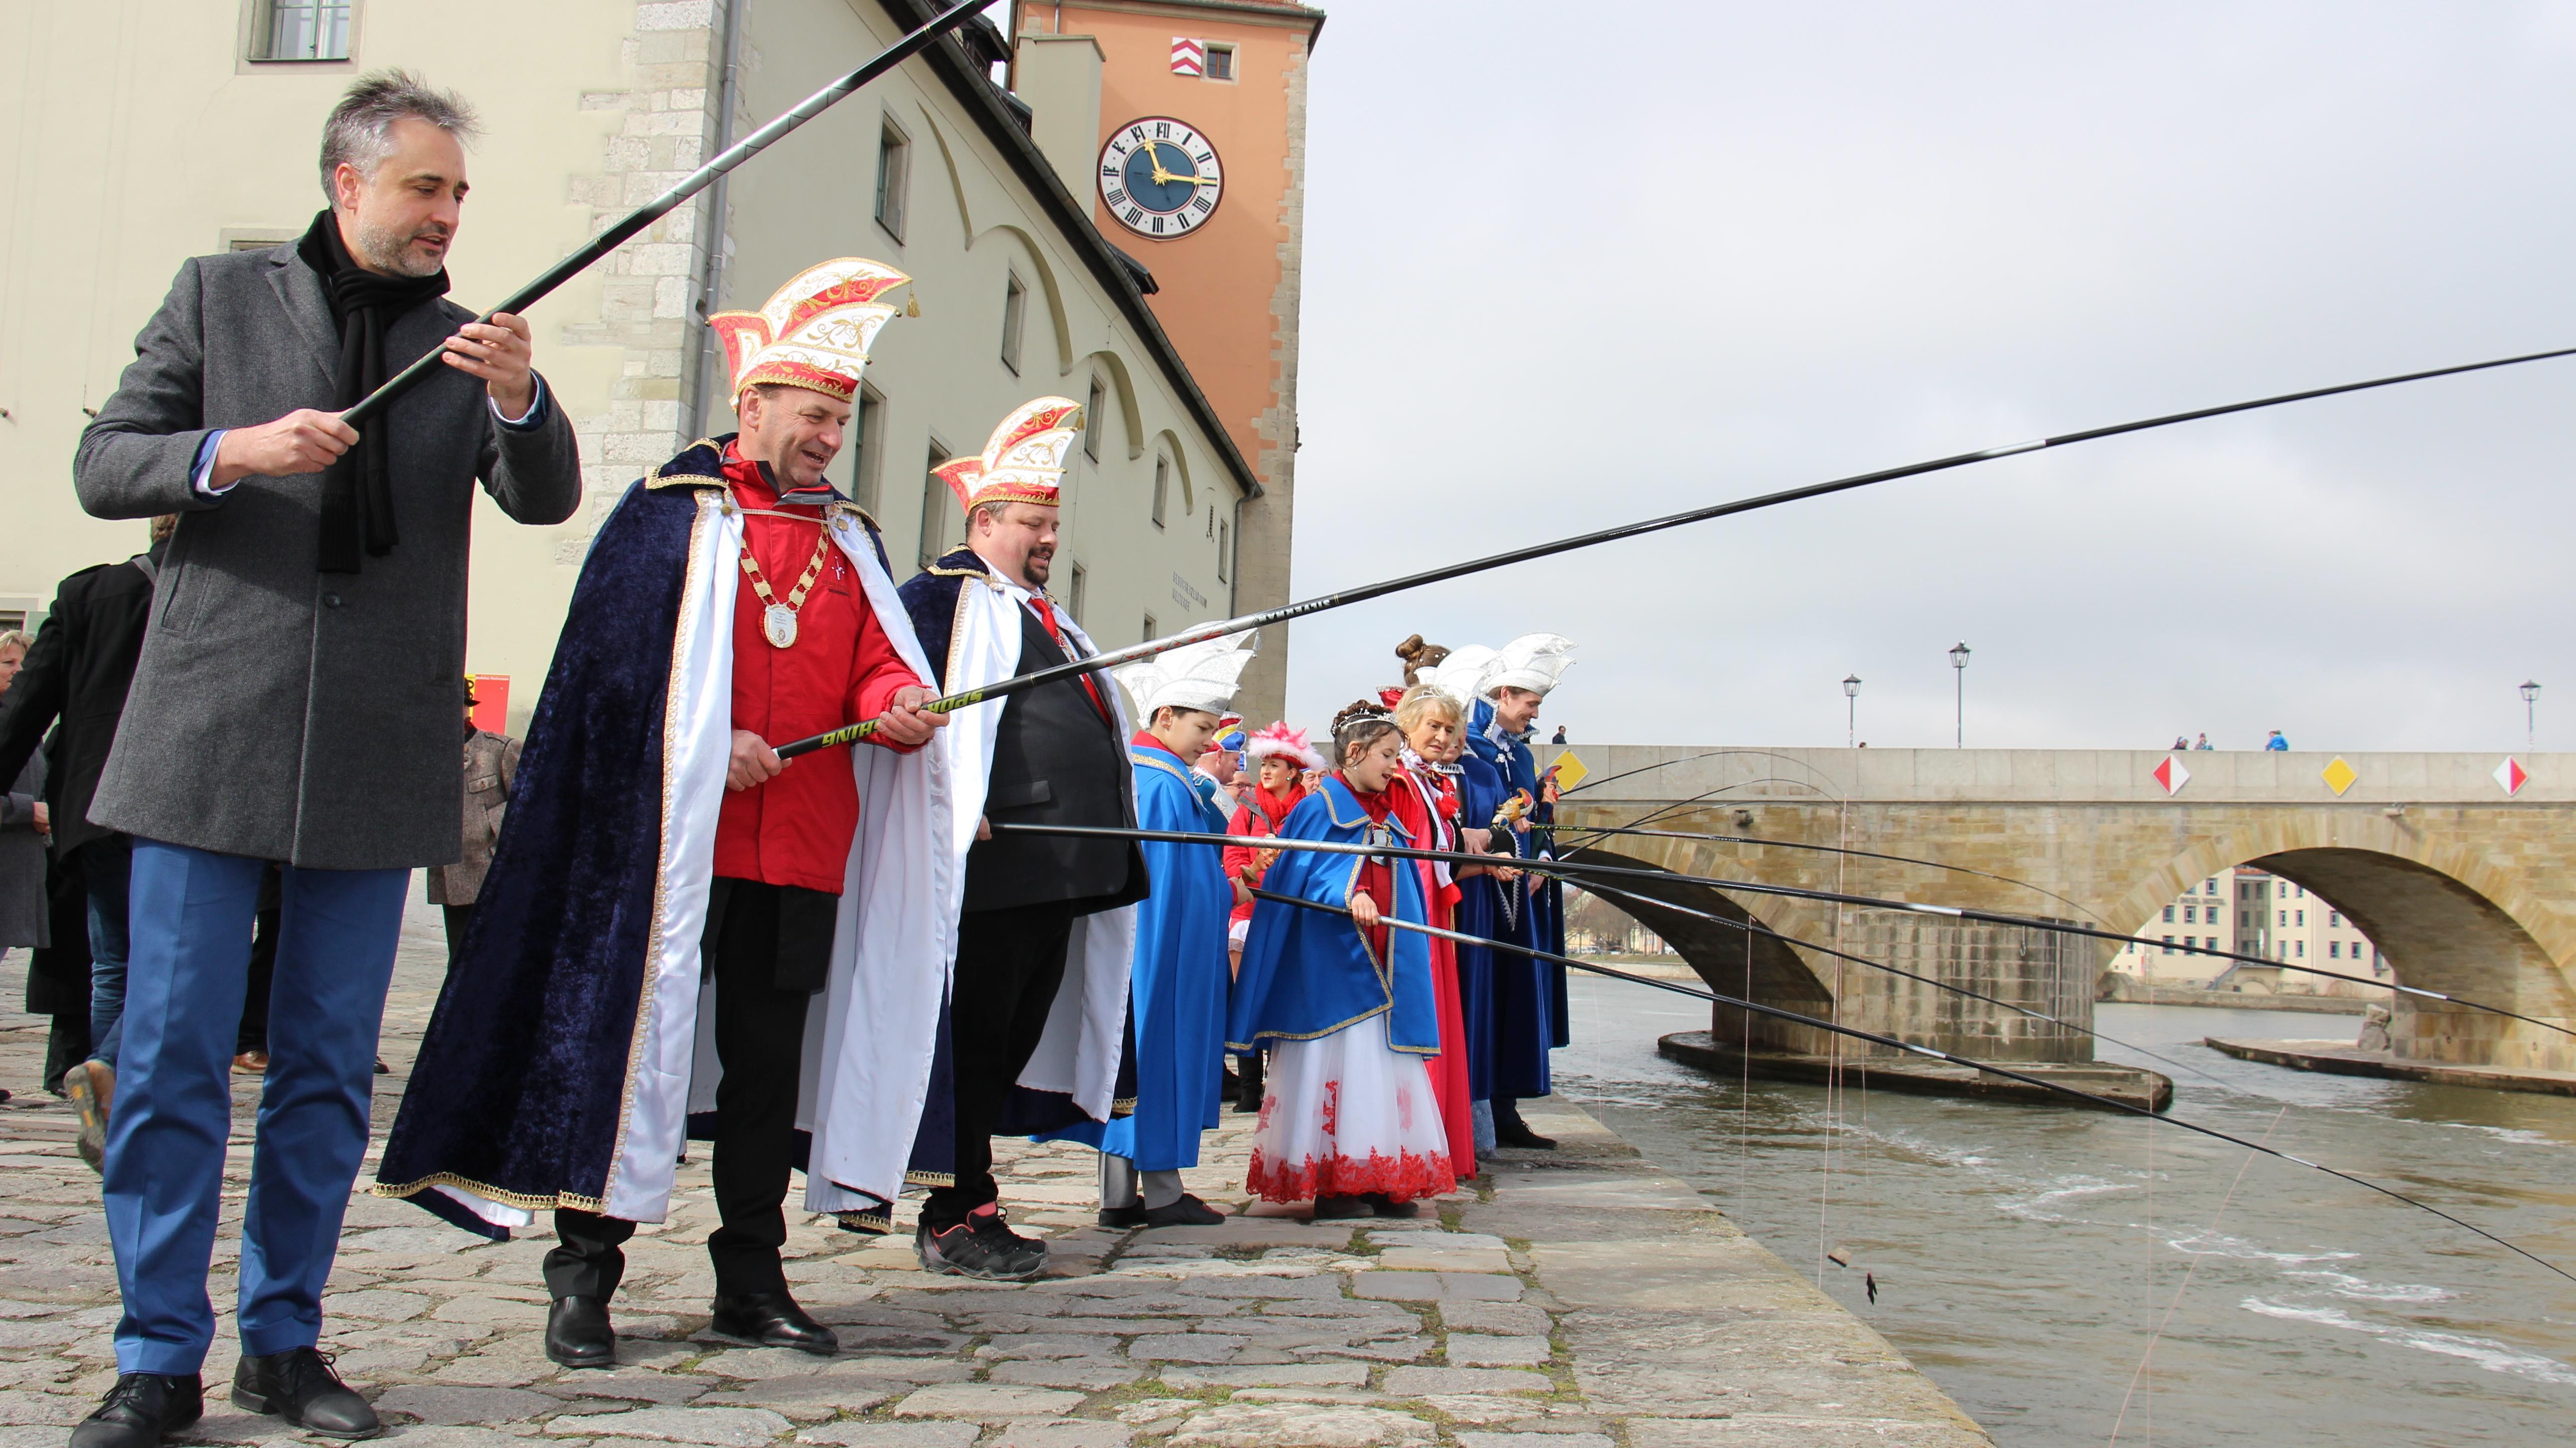 Mit dem traditionellen Geldbeutelwaschen in der Donau hat die Regensburger Faschingsgesellschaft Narragonia die Faschingssaison beendet